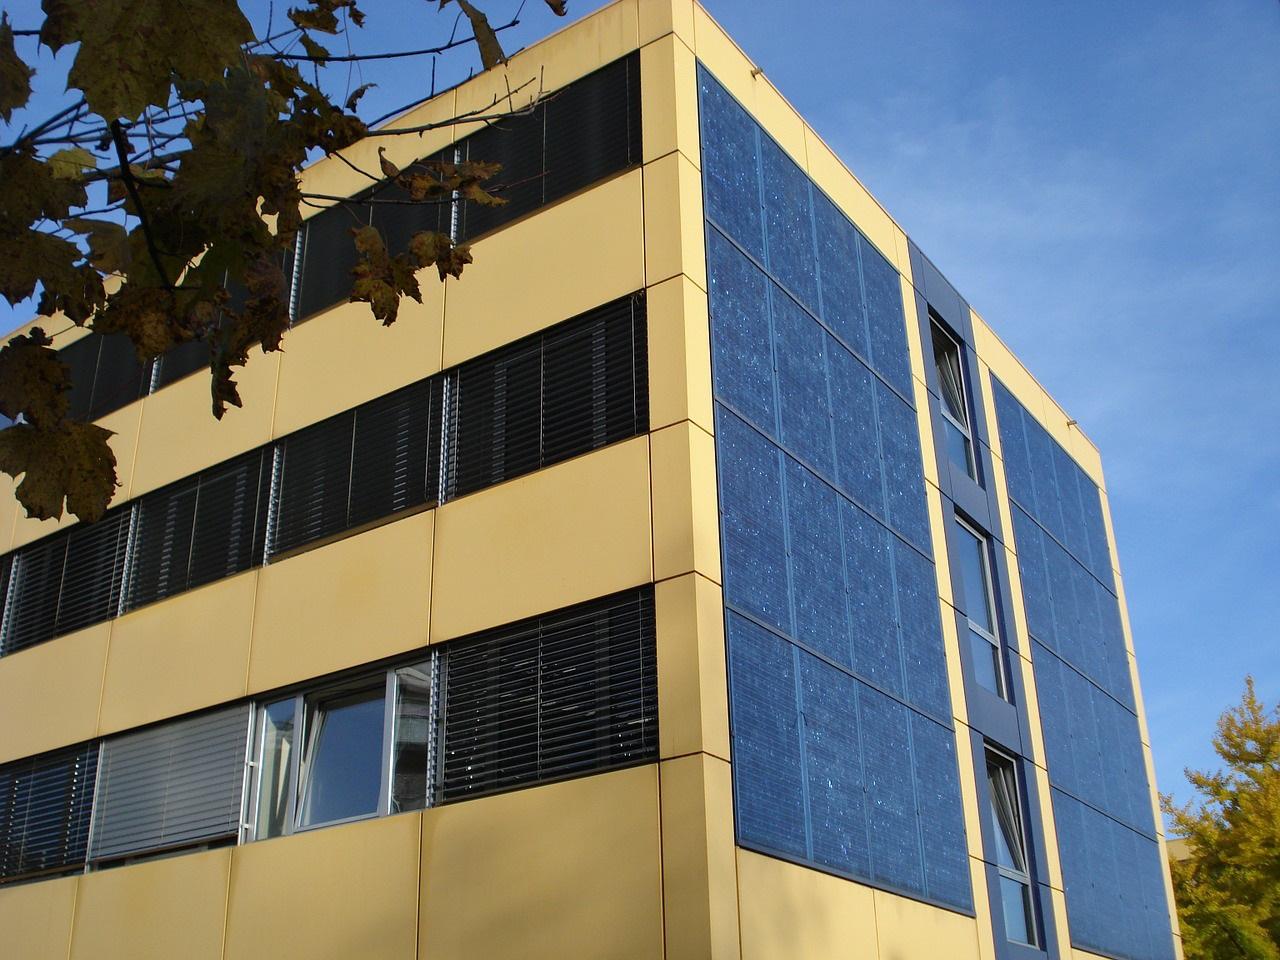 panele fotowoltaiczne dla wspolnot mieszkaniowych